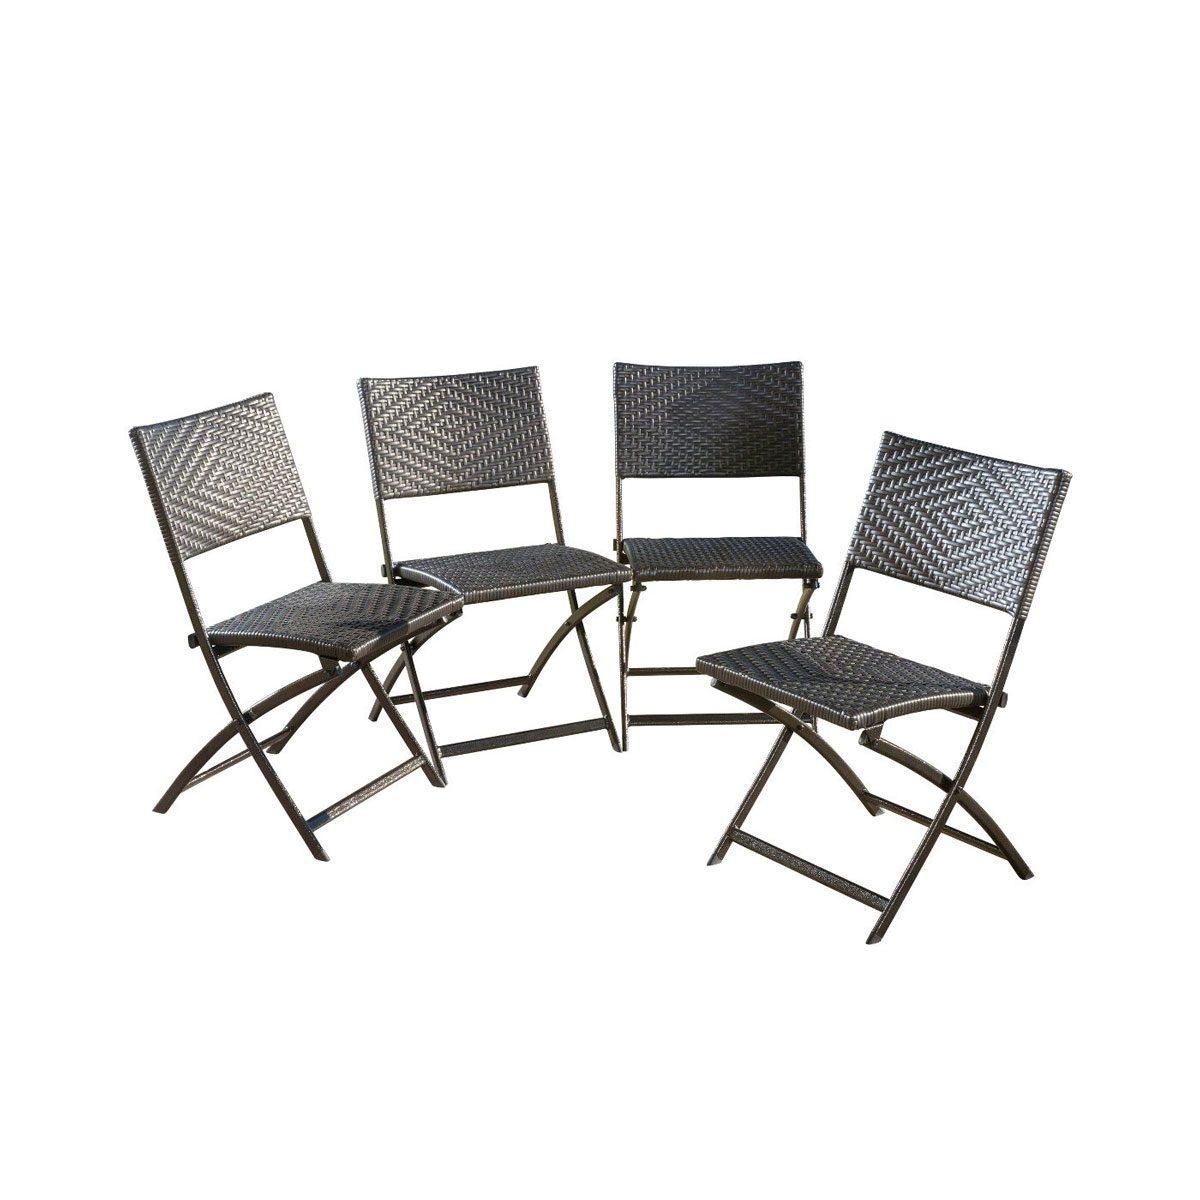 Wicker folding chairs